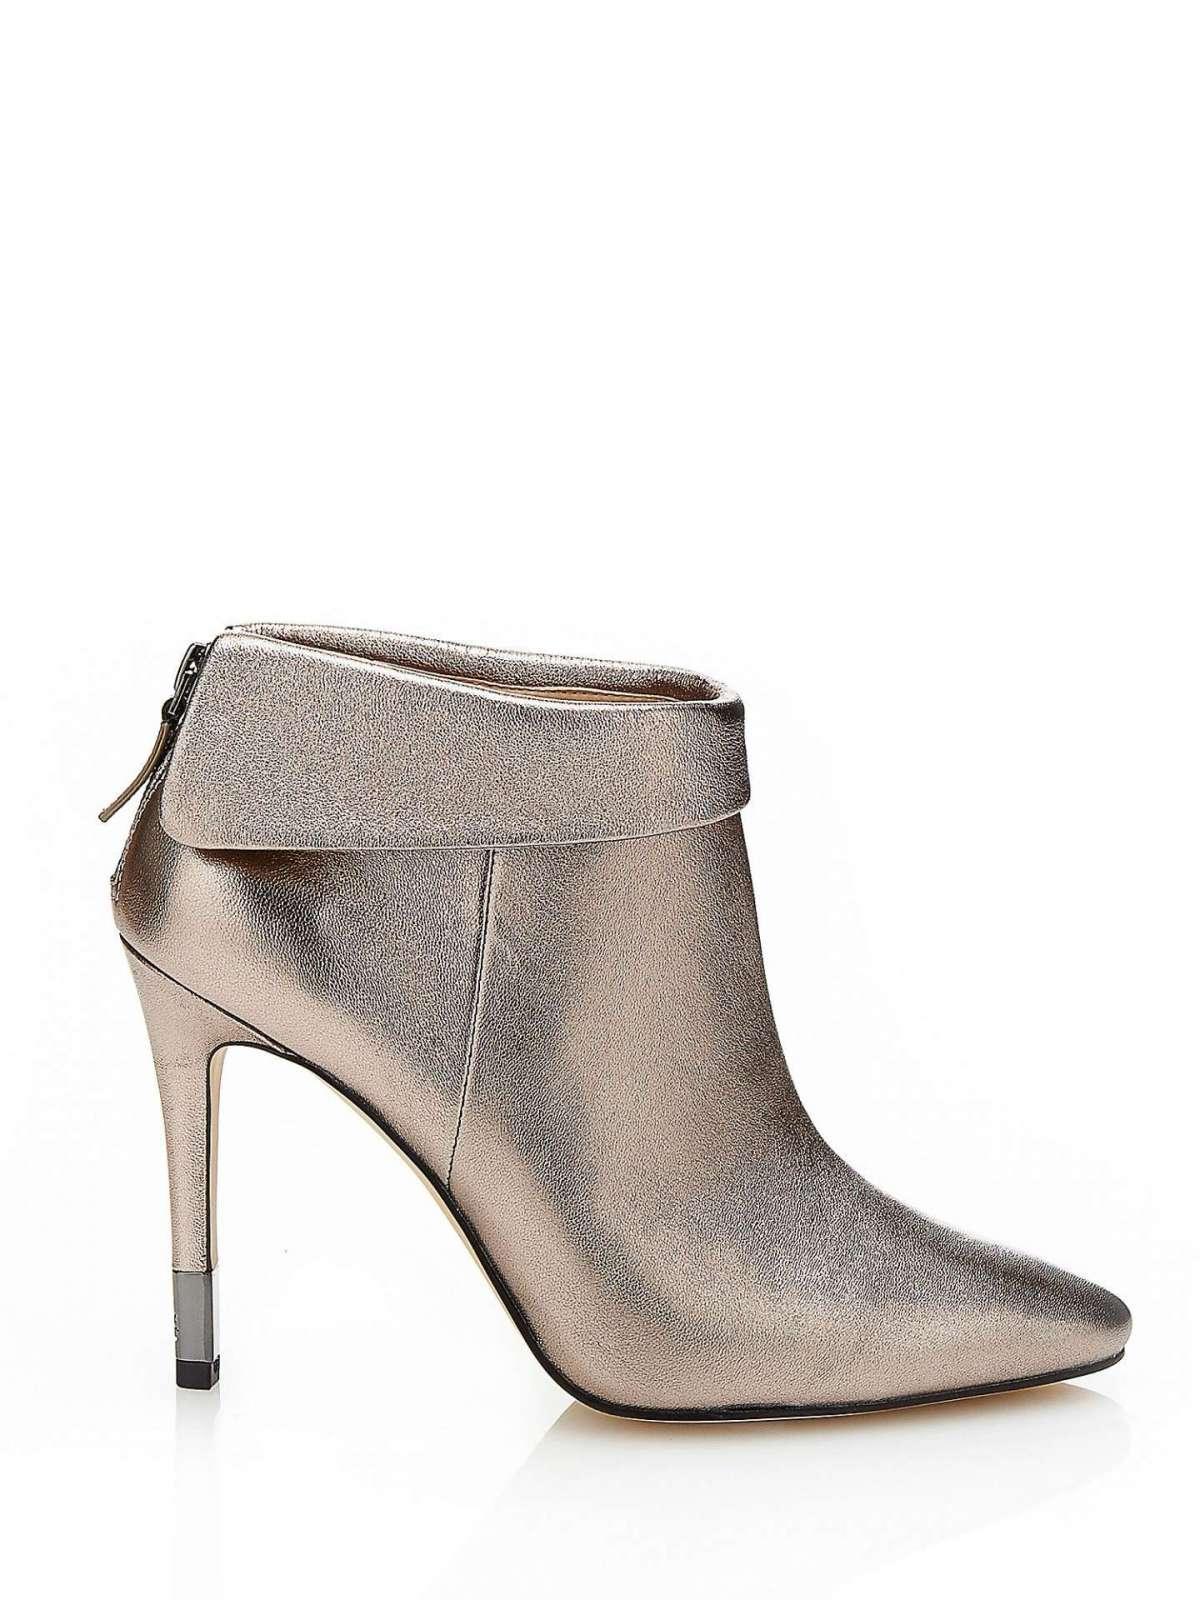 low priced 7501a 86ae8 Guess scarpe 2016 2017: Calzature donna invernali | Moda con ...